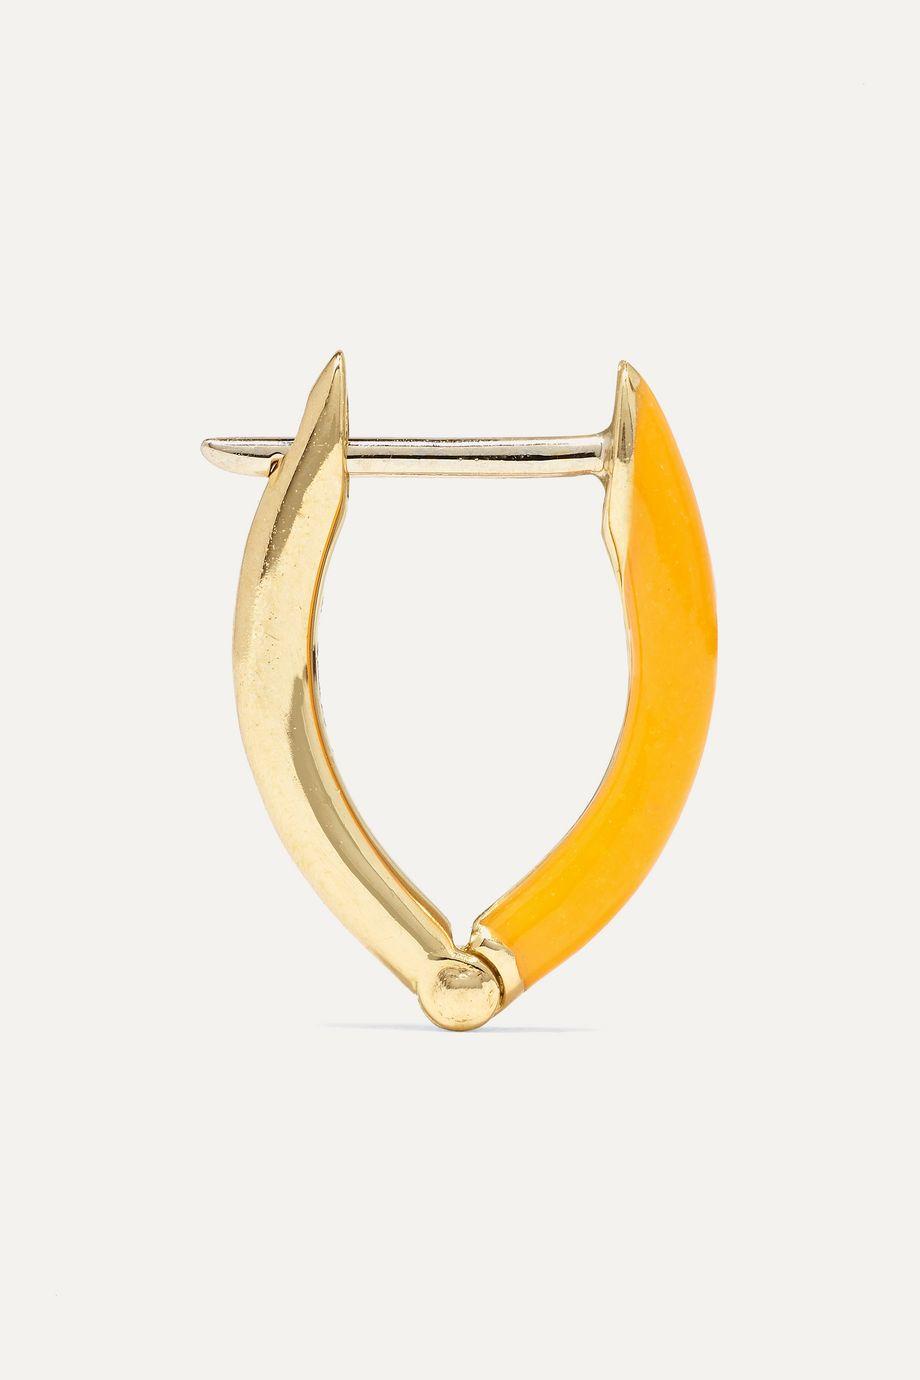 Melissa Kaye Cristina kleine Creolen aus 18 Karat Gold mit Emaille